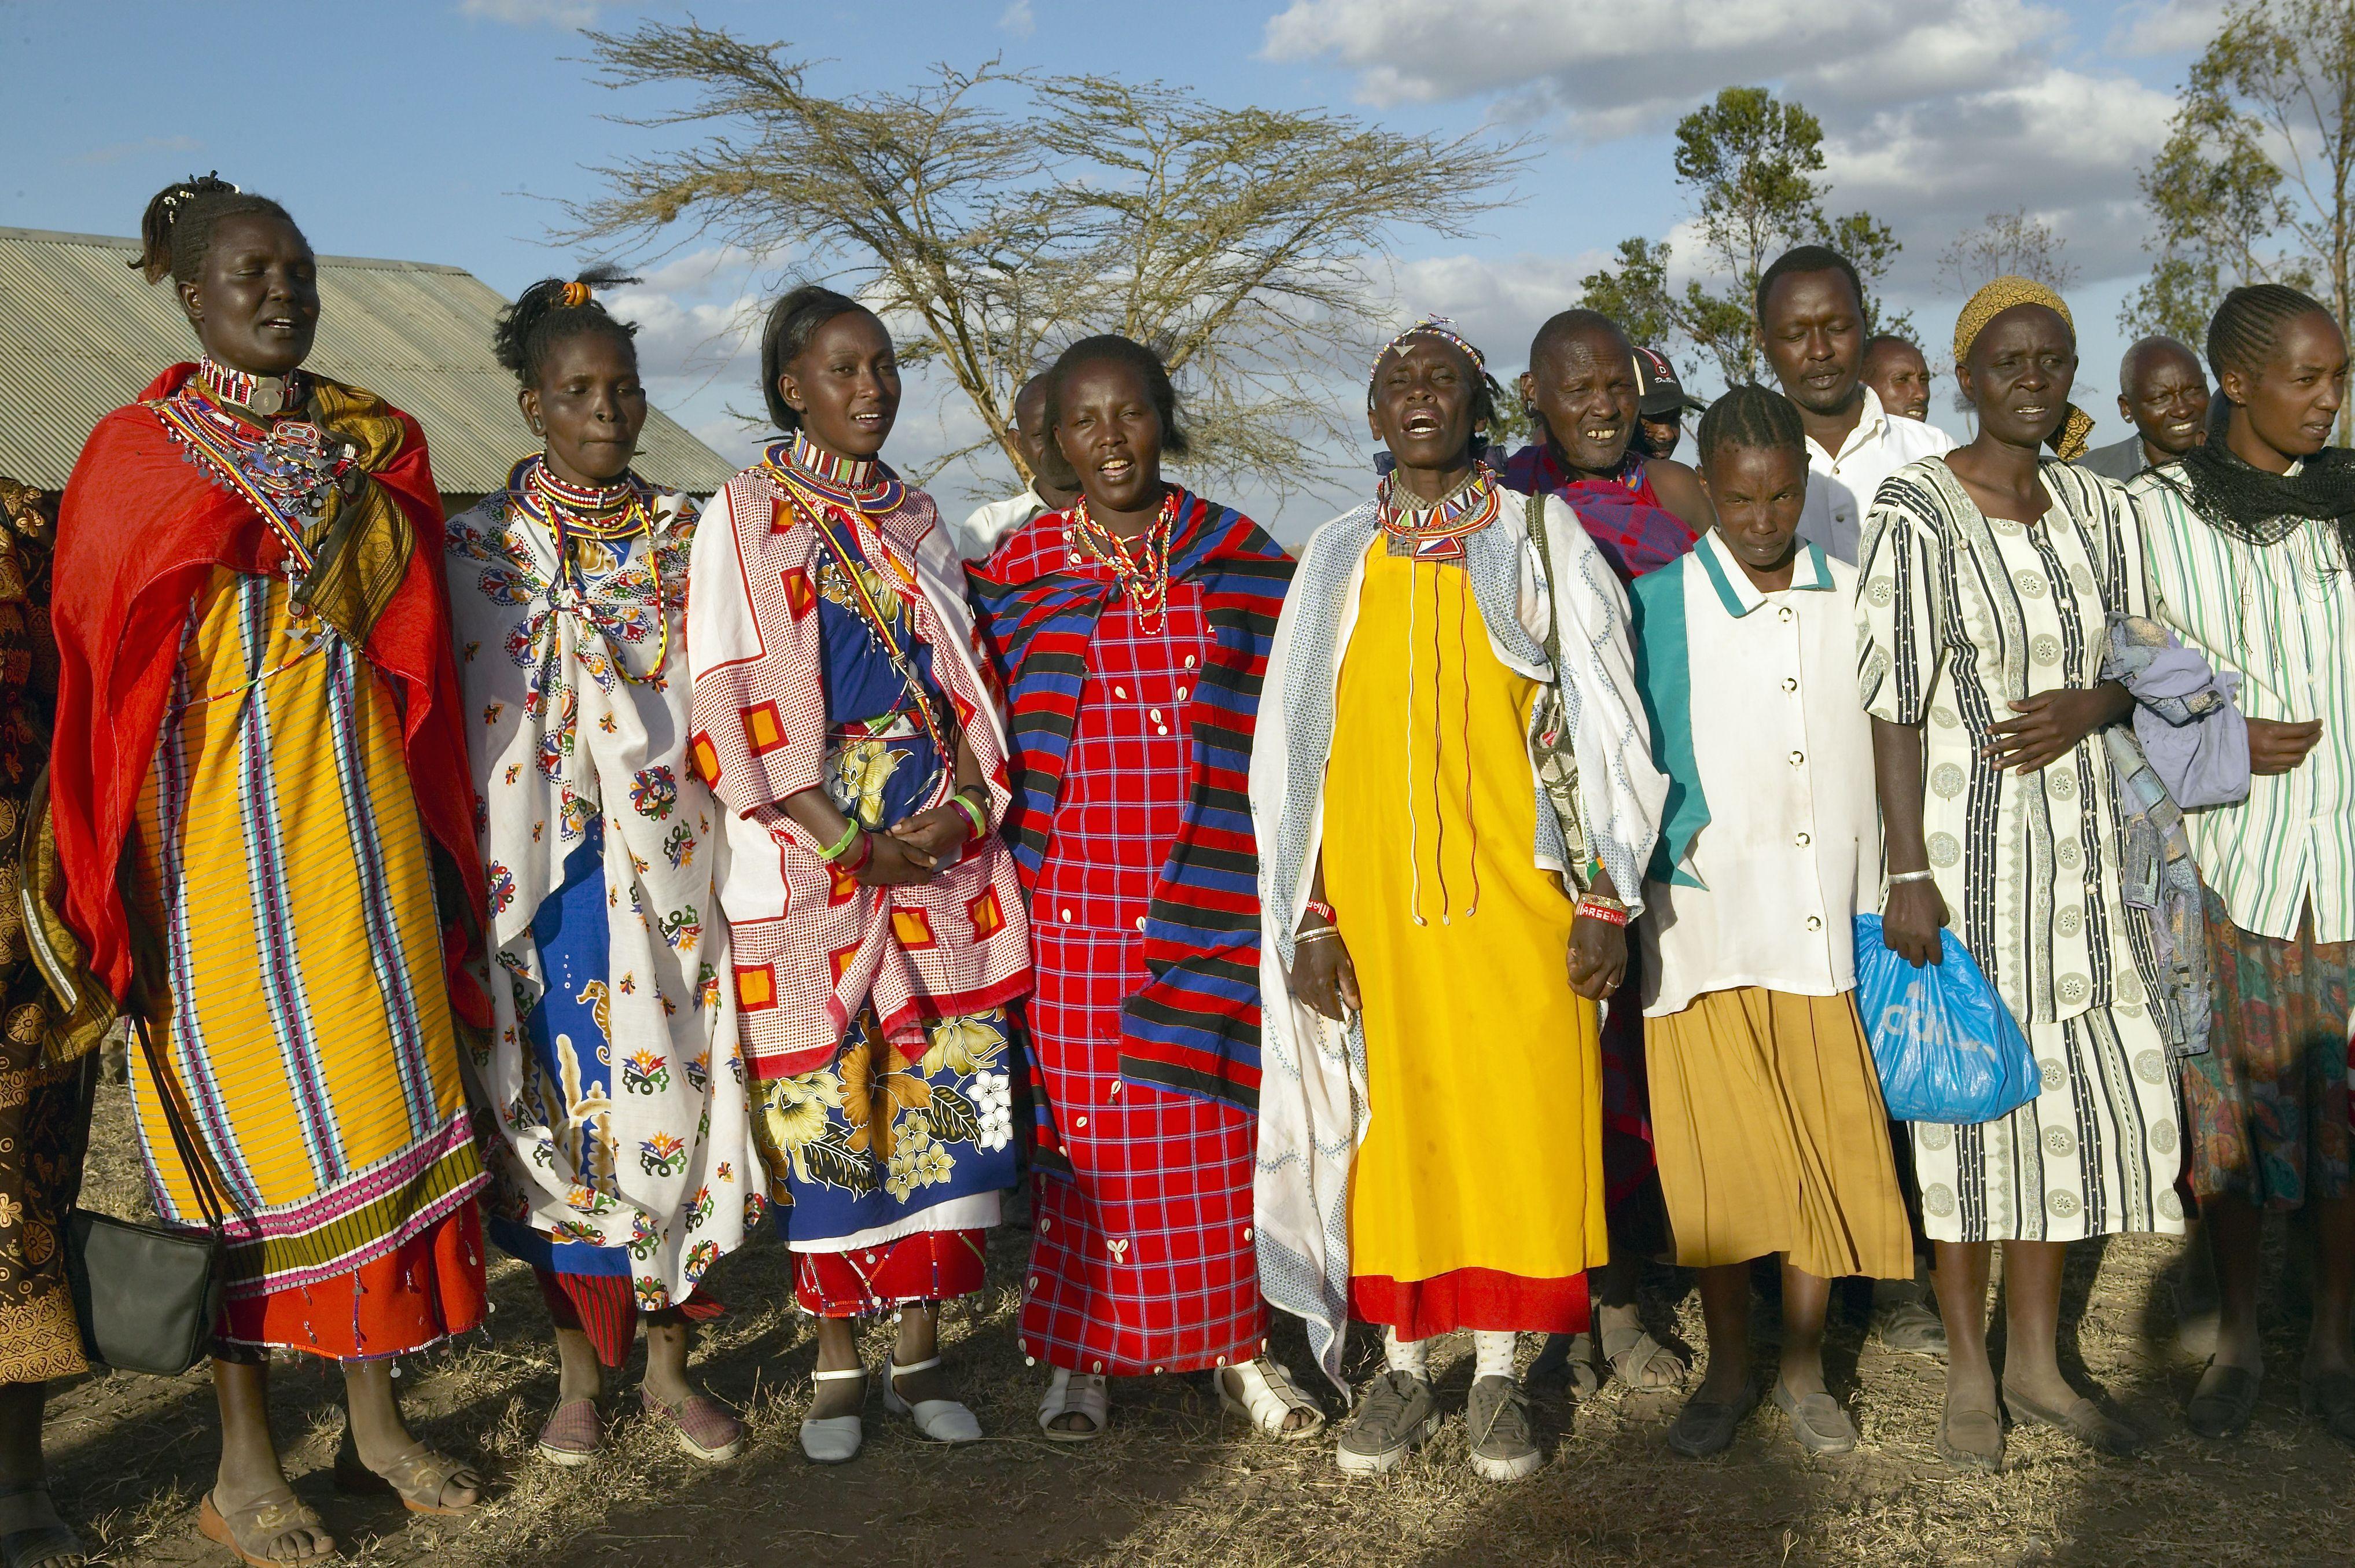 La Cultura Africana y mucho de sus historia